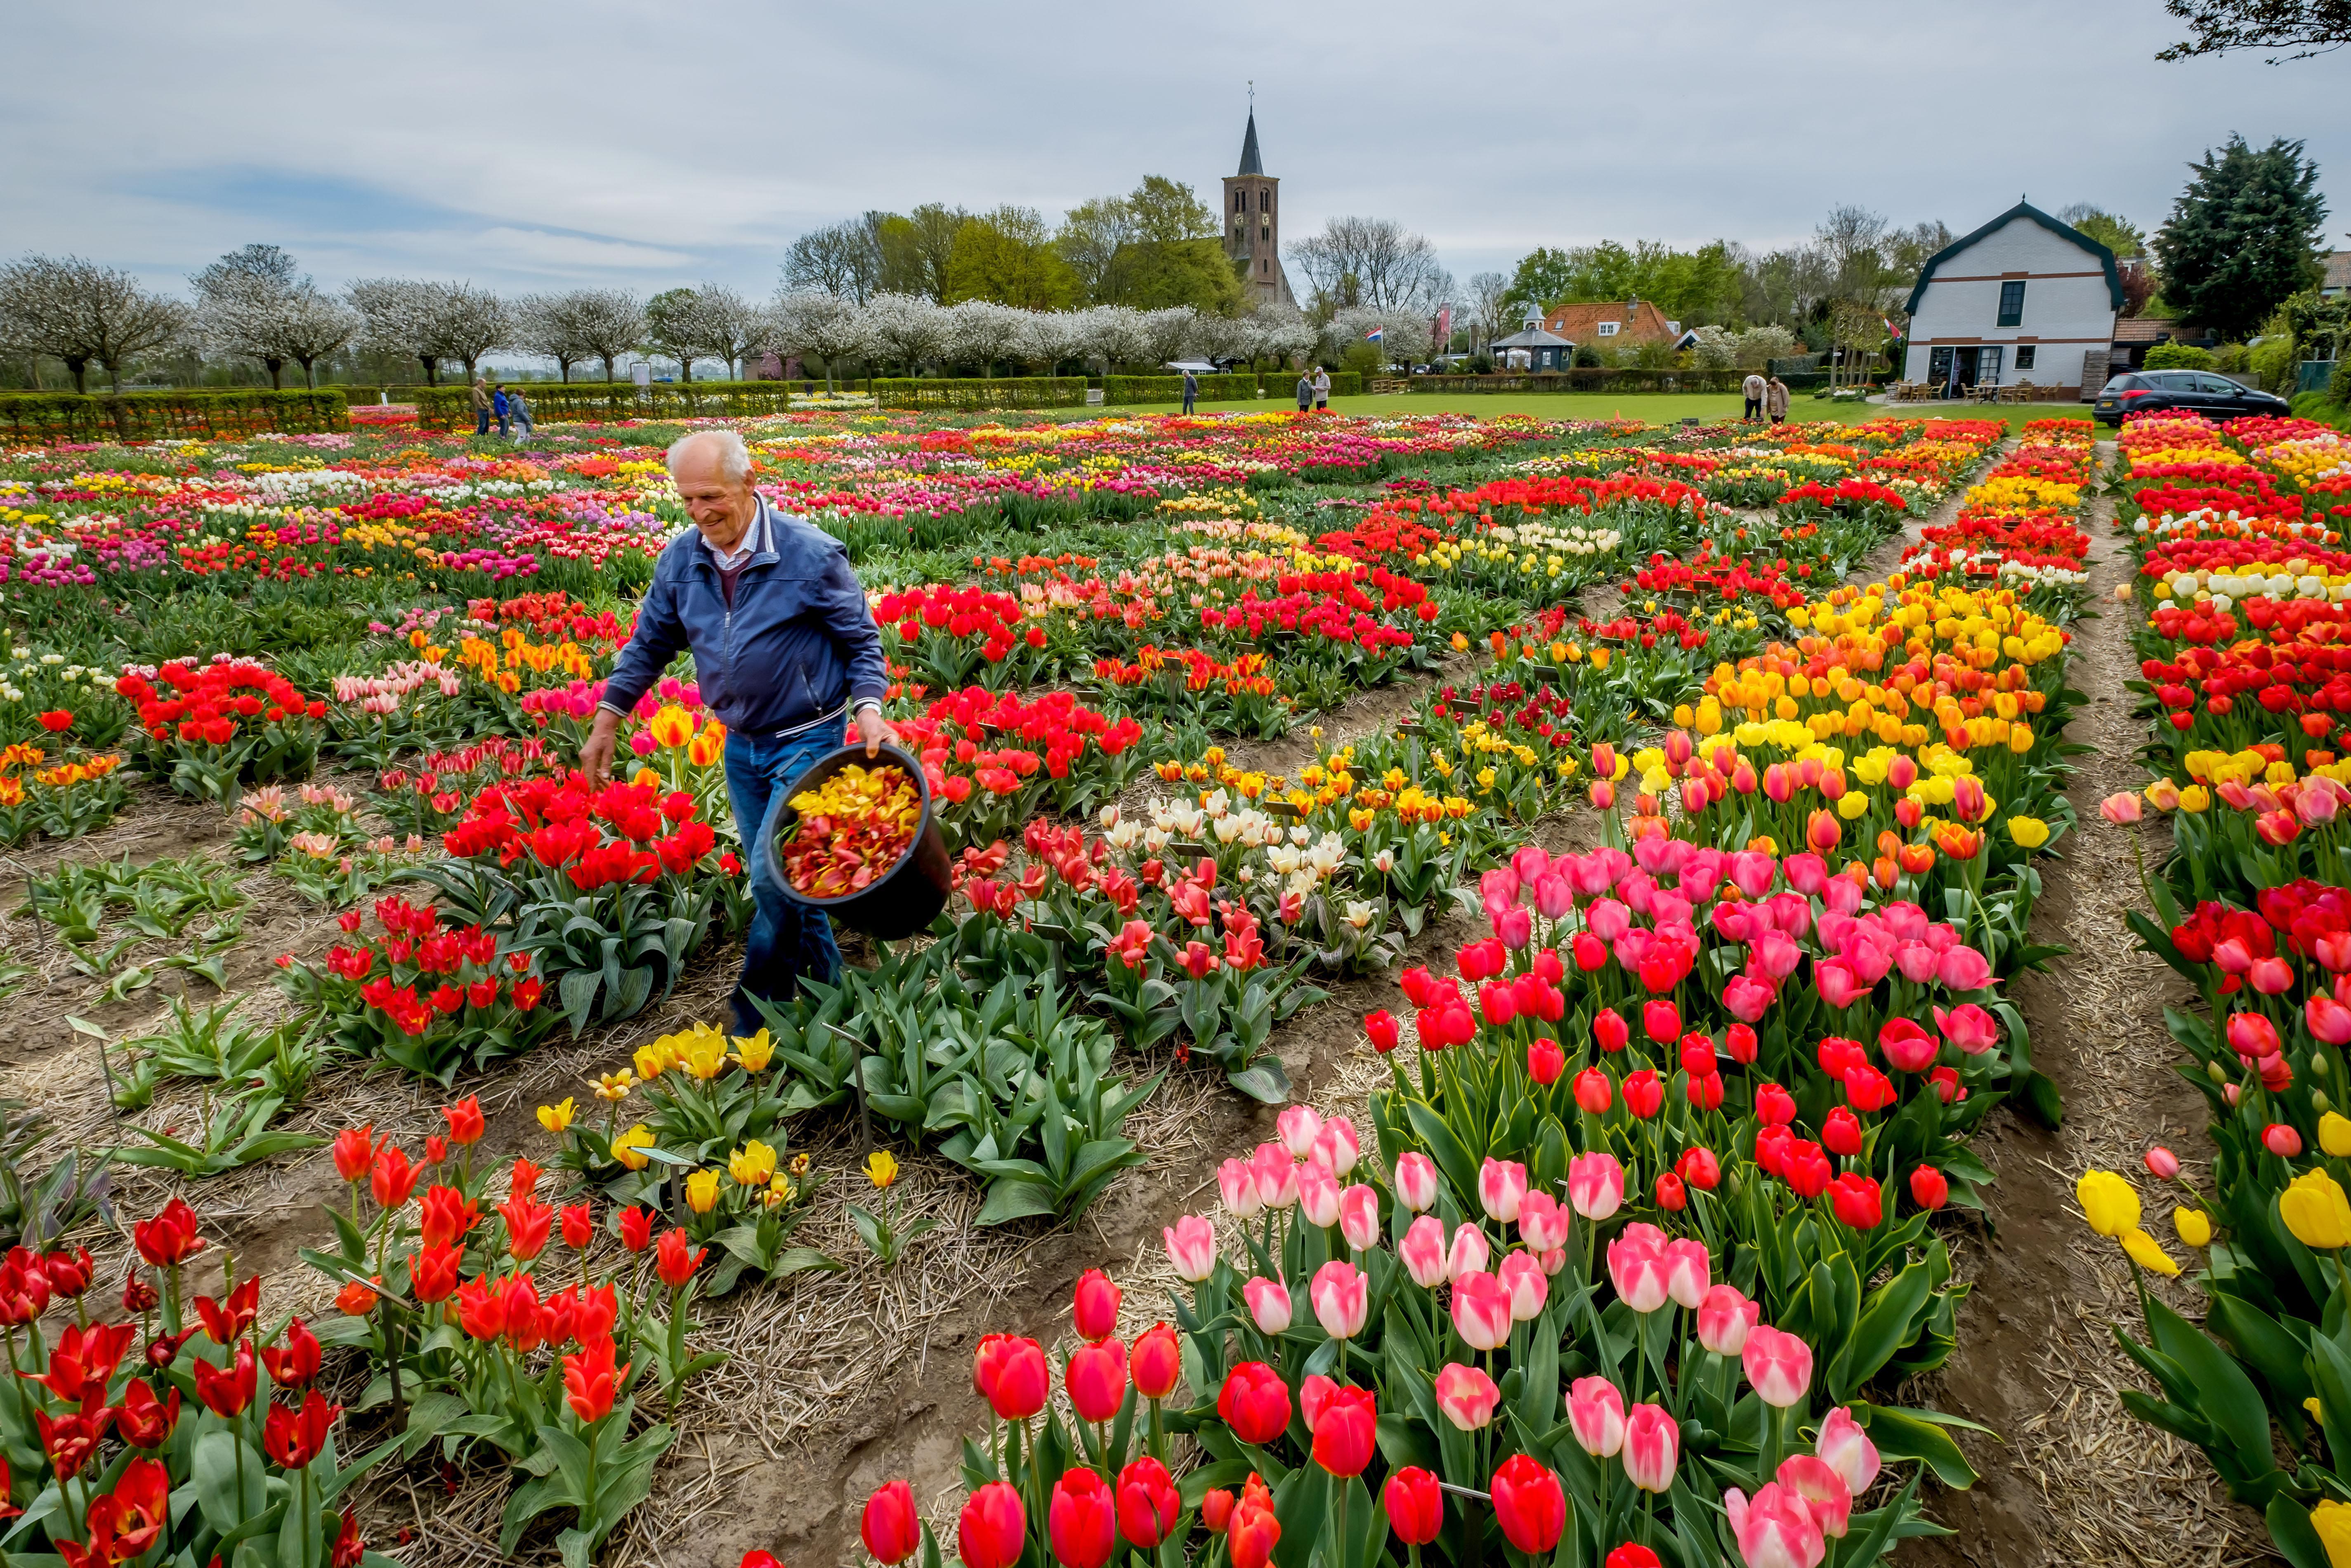 Hortus Bulborum Limmen moet laatste hoop laten varen: bloementuin blijft dicht